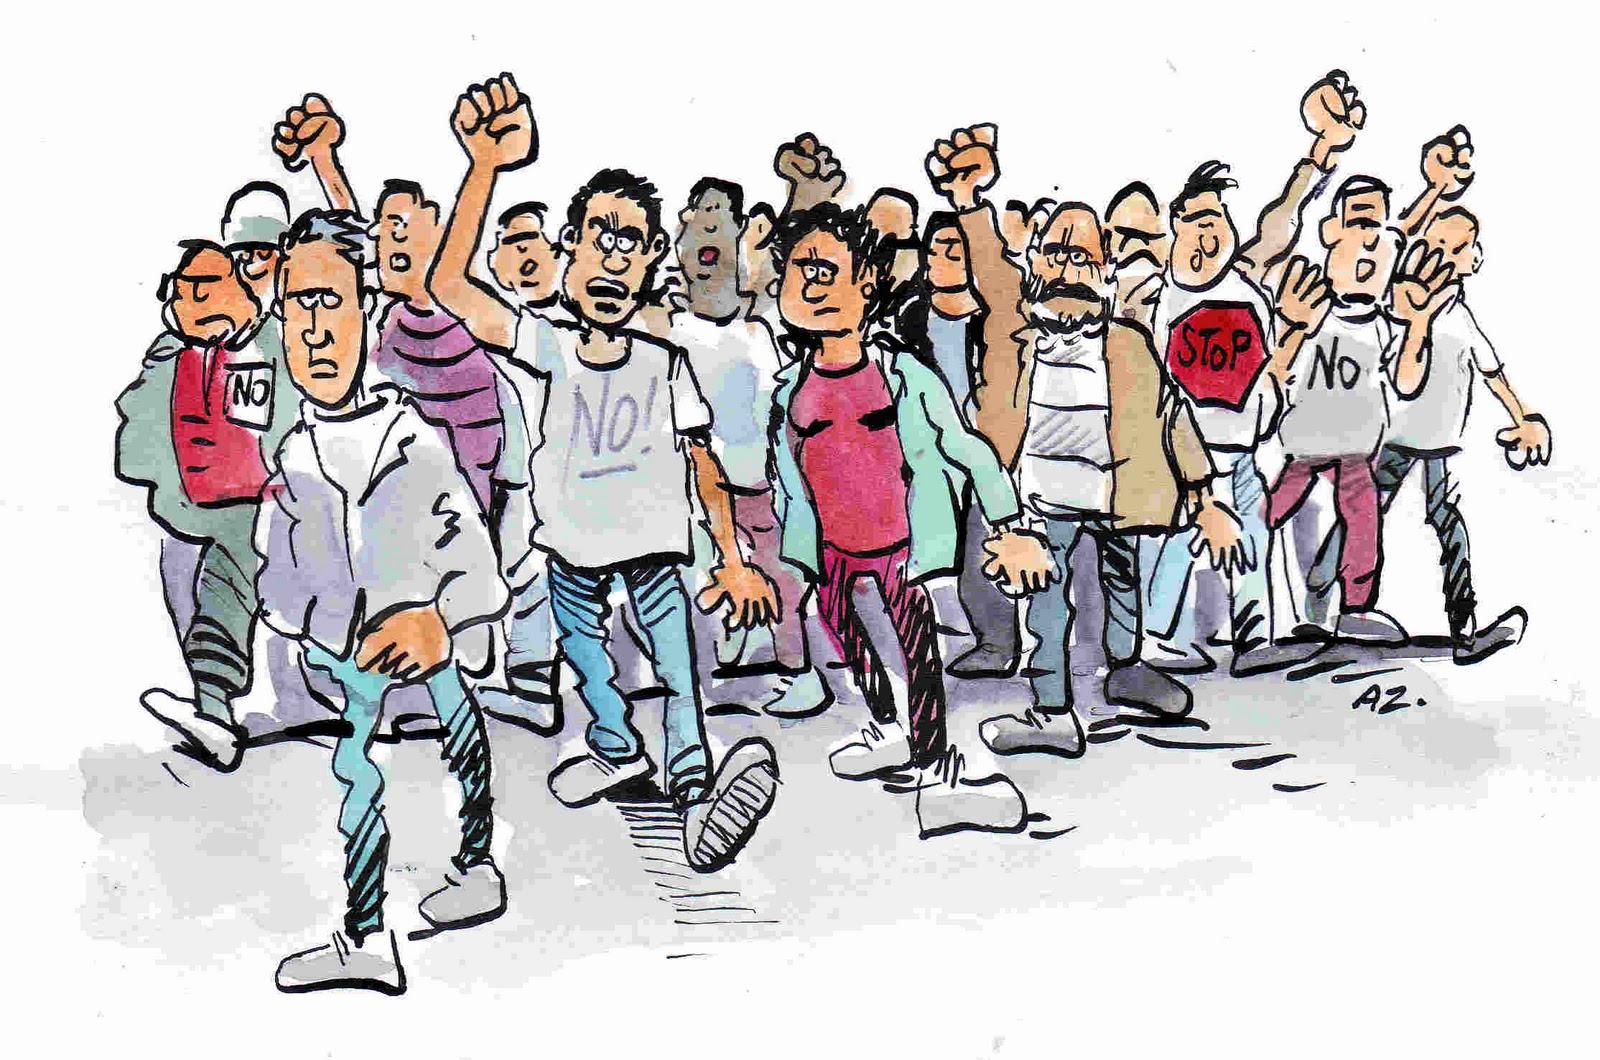 Turisti a ogni costo sciopero trasporti 26 e 27 gennaio for Costo seminterrato di sciopero